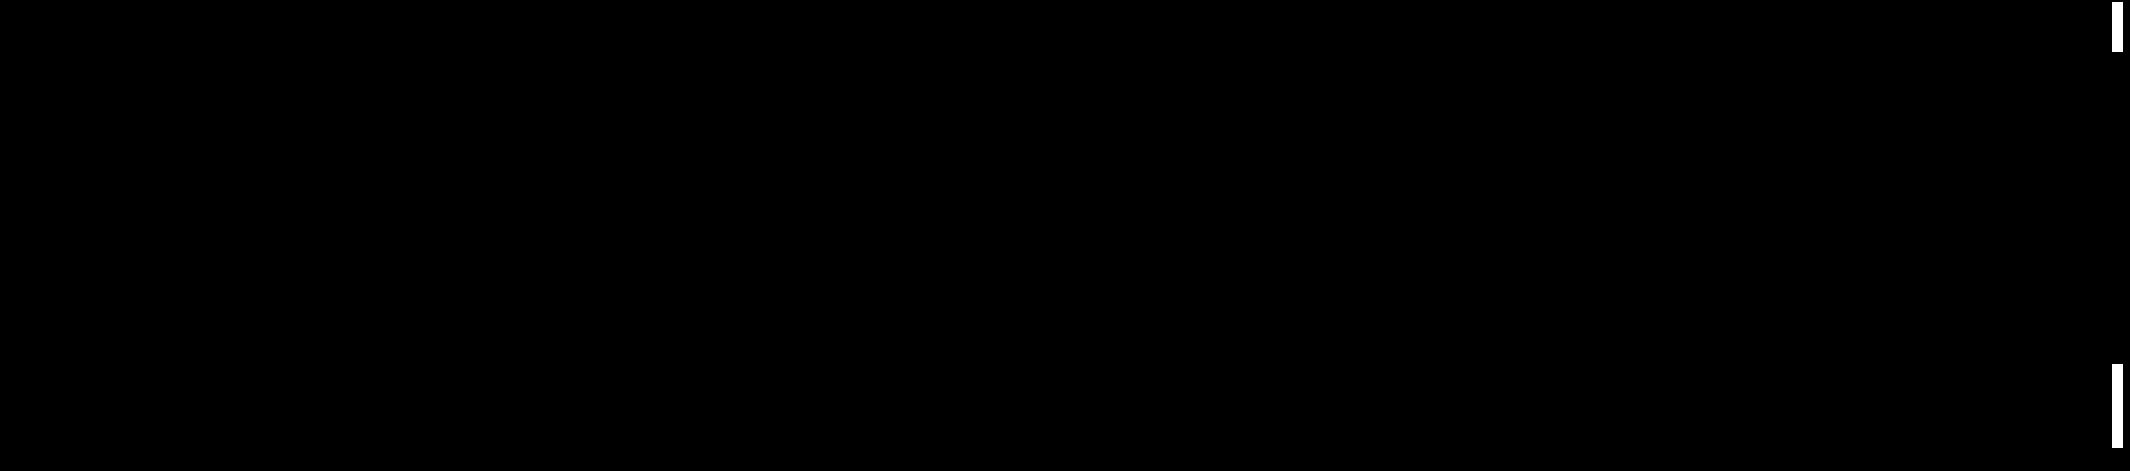 Logo polyend bk